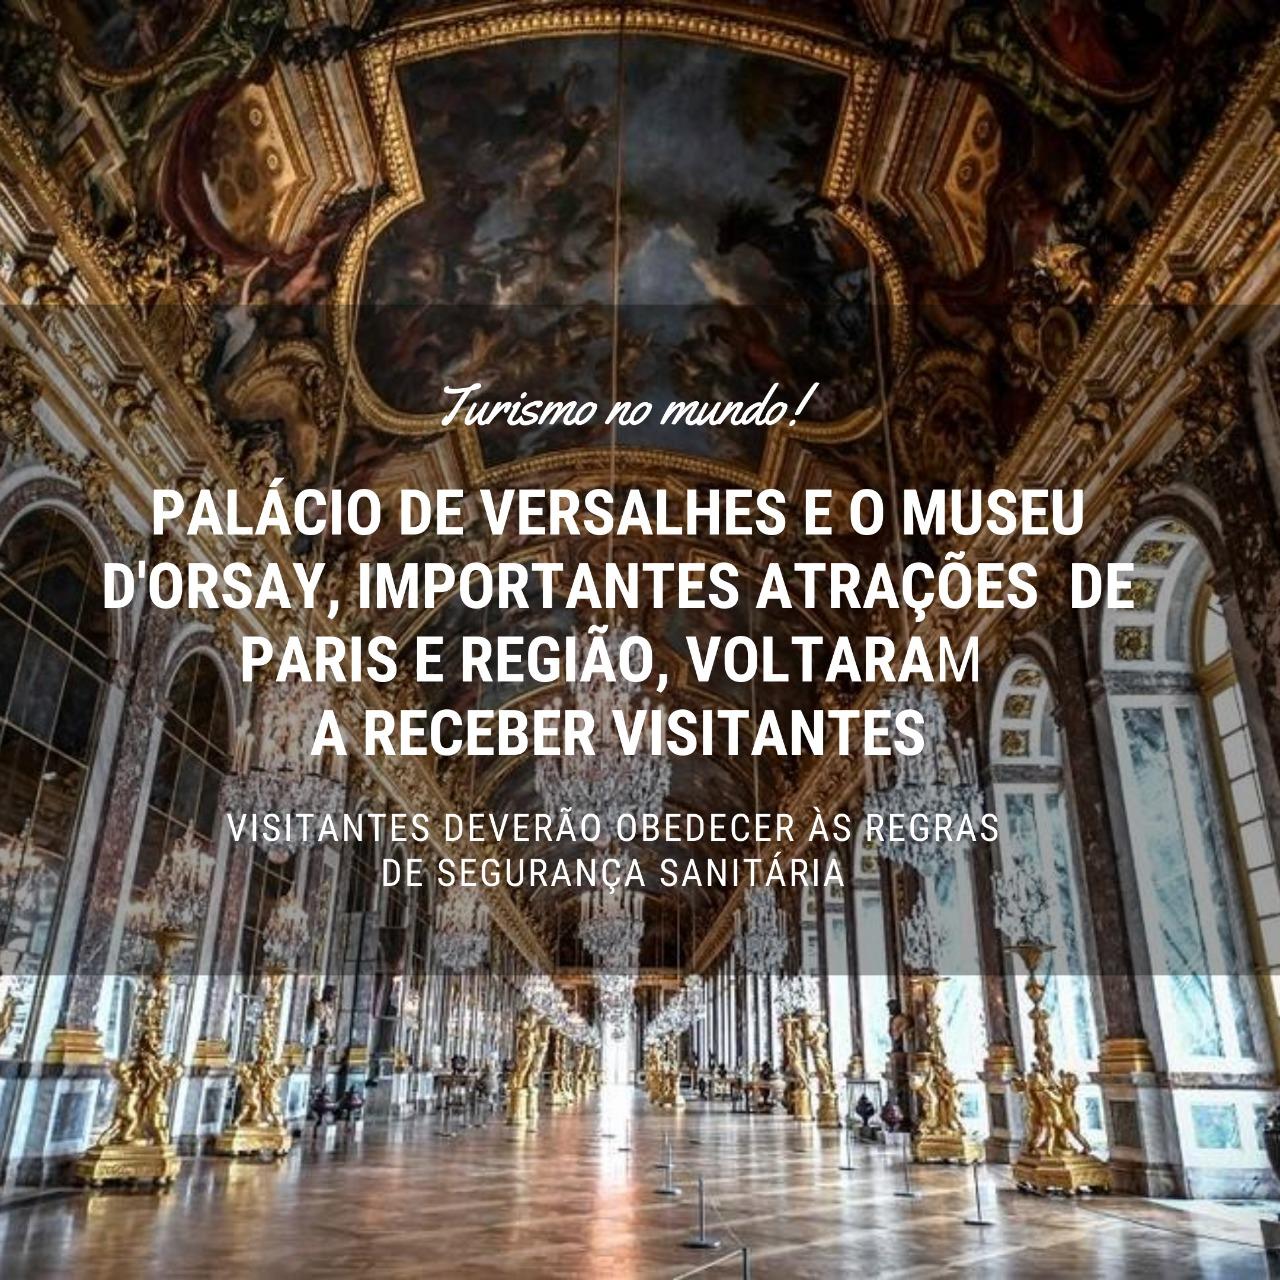 palacio-de-versalhes-e-o-museu-dorsay-foram-reabertos-a-visitacao-publica